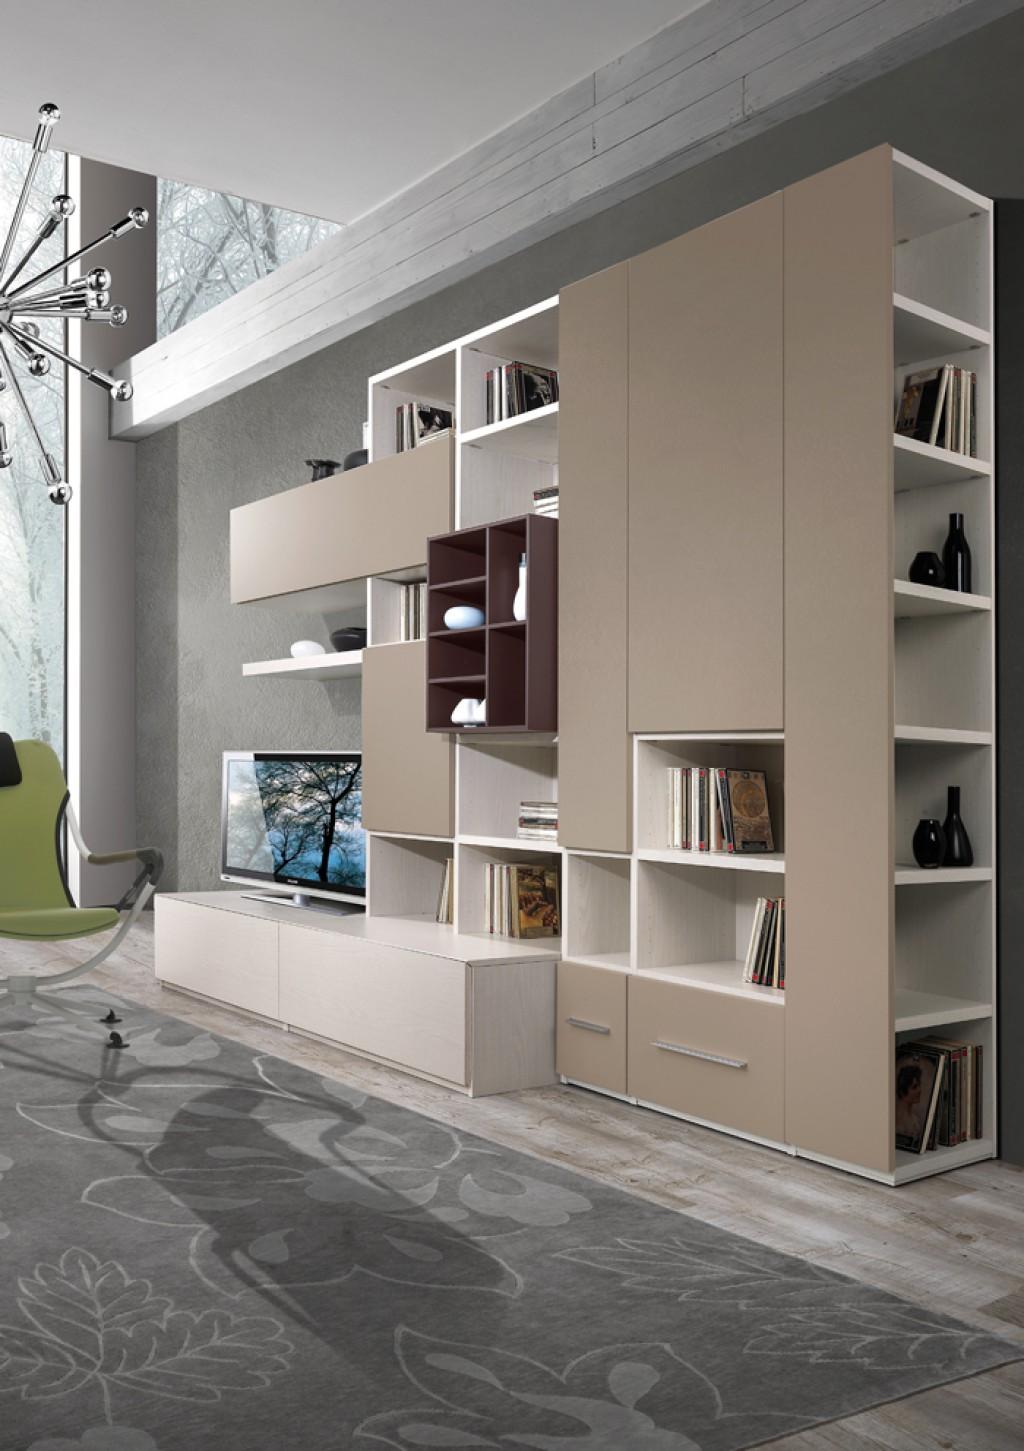 Libreria moderna ig g409 cucine mobili di qualit al for Mobili cucine qualita